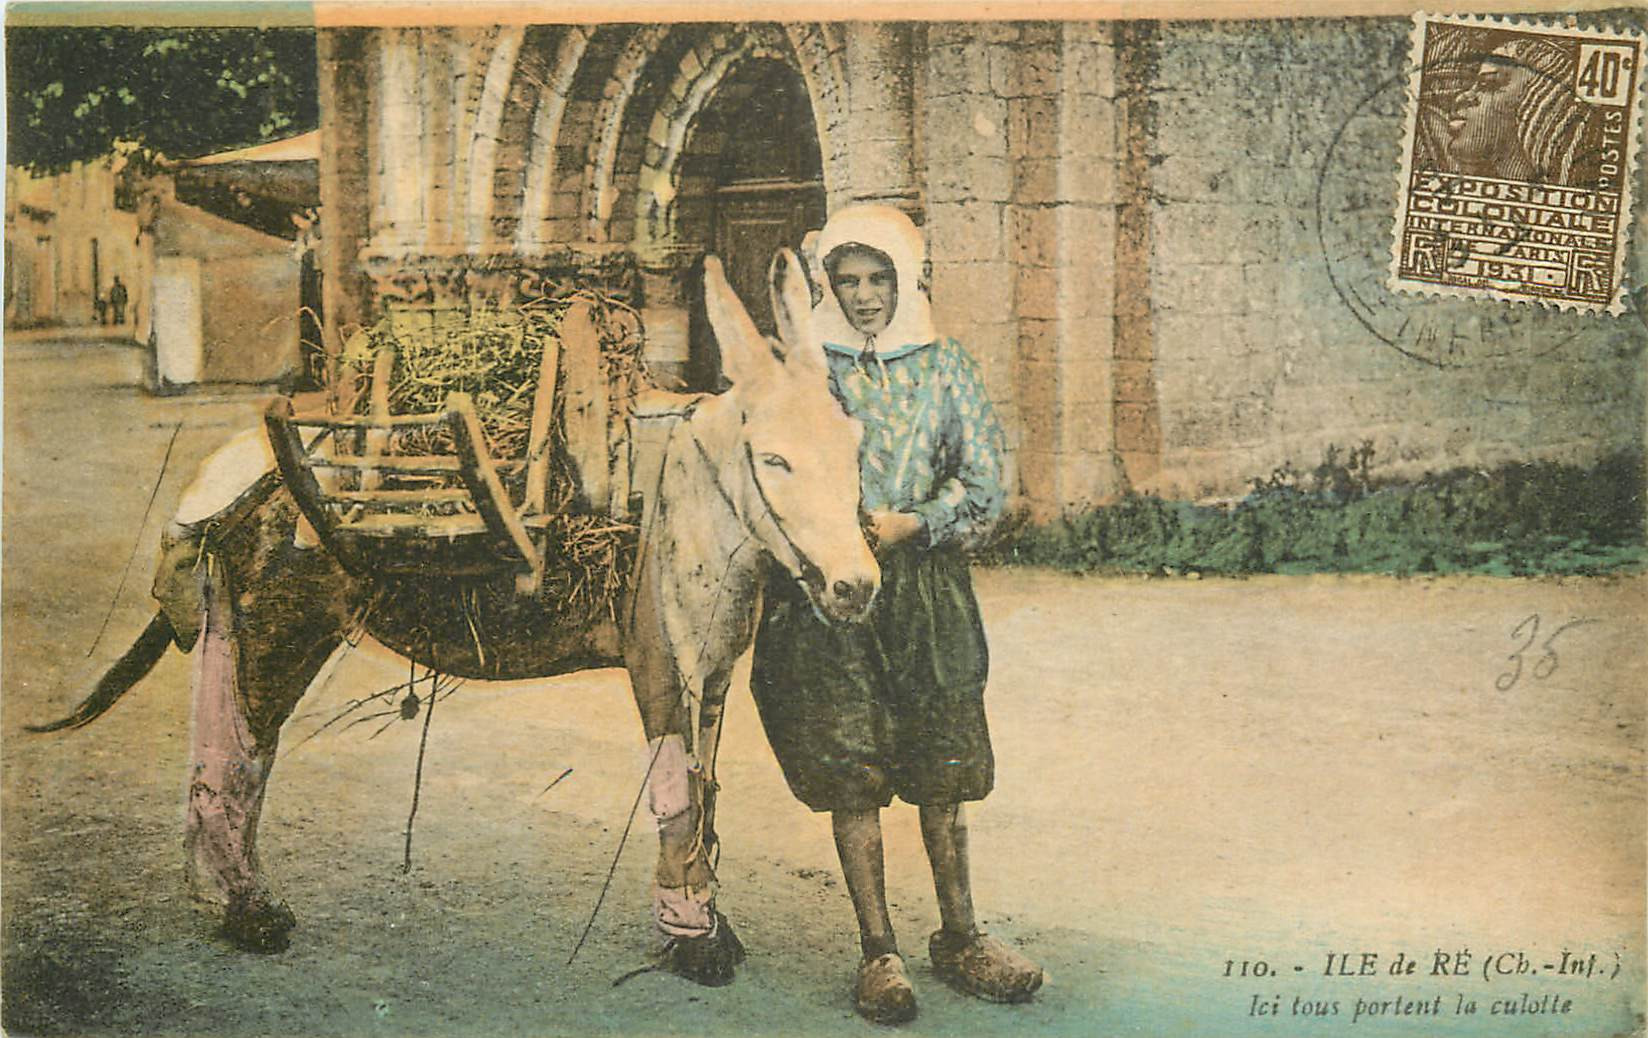 WW 17 ILE DE RE. Ici tous portent la culotte 1931. Ane et Pêcheuse de Crevettes